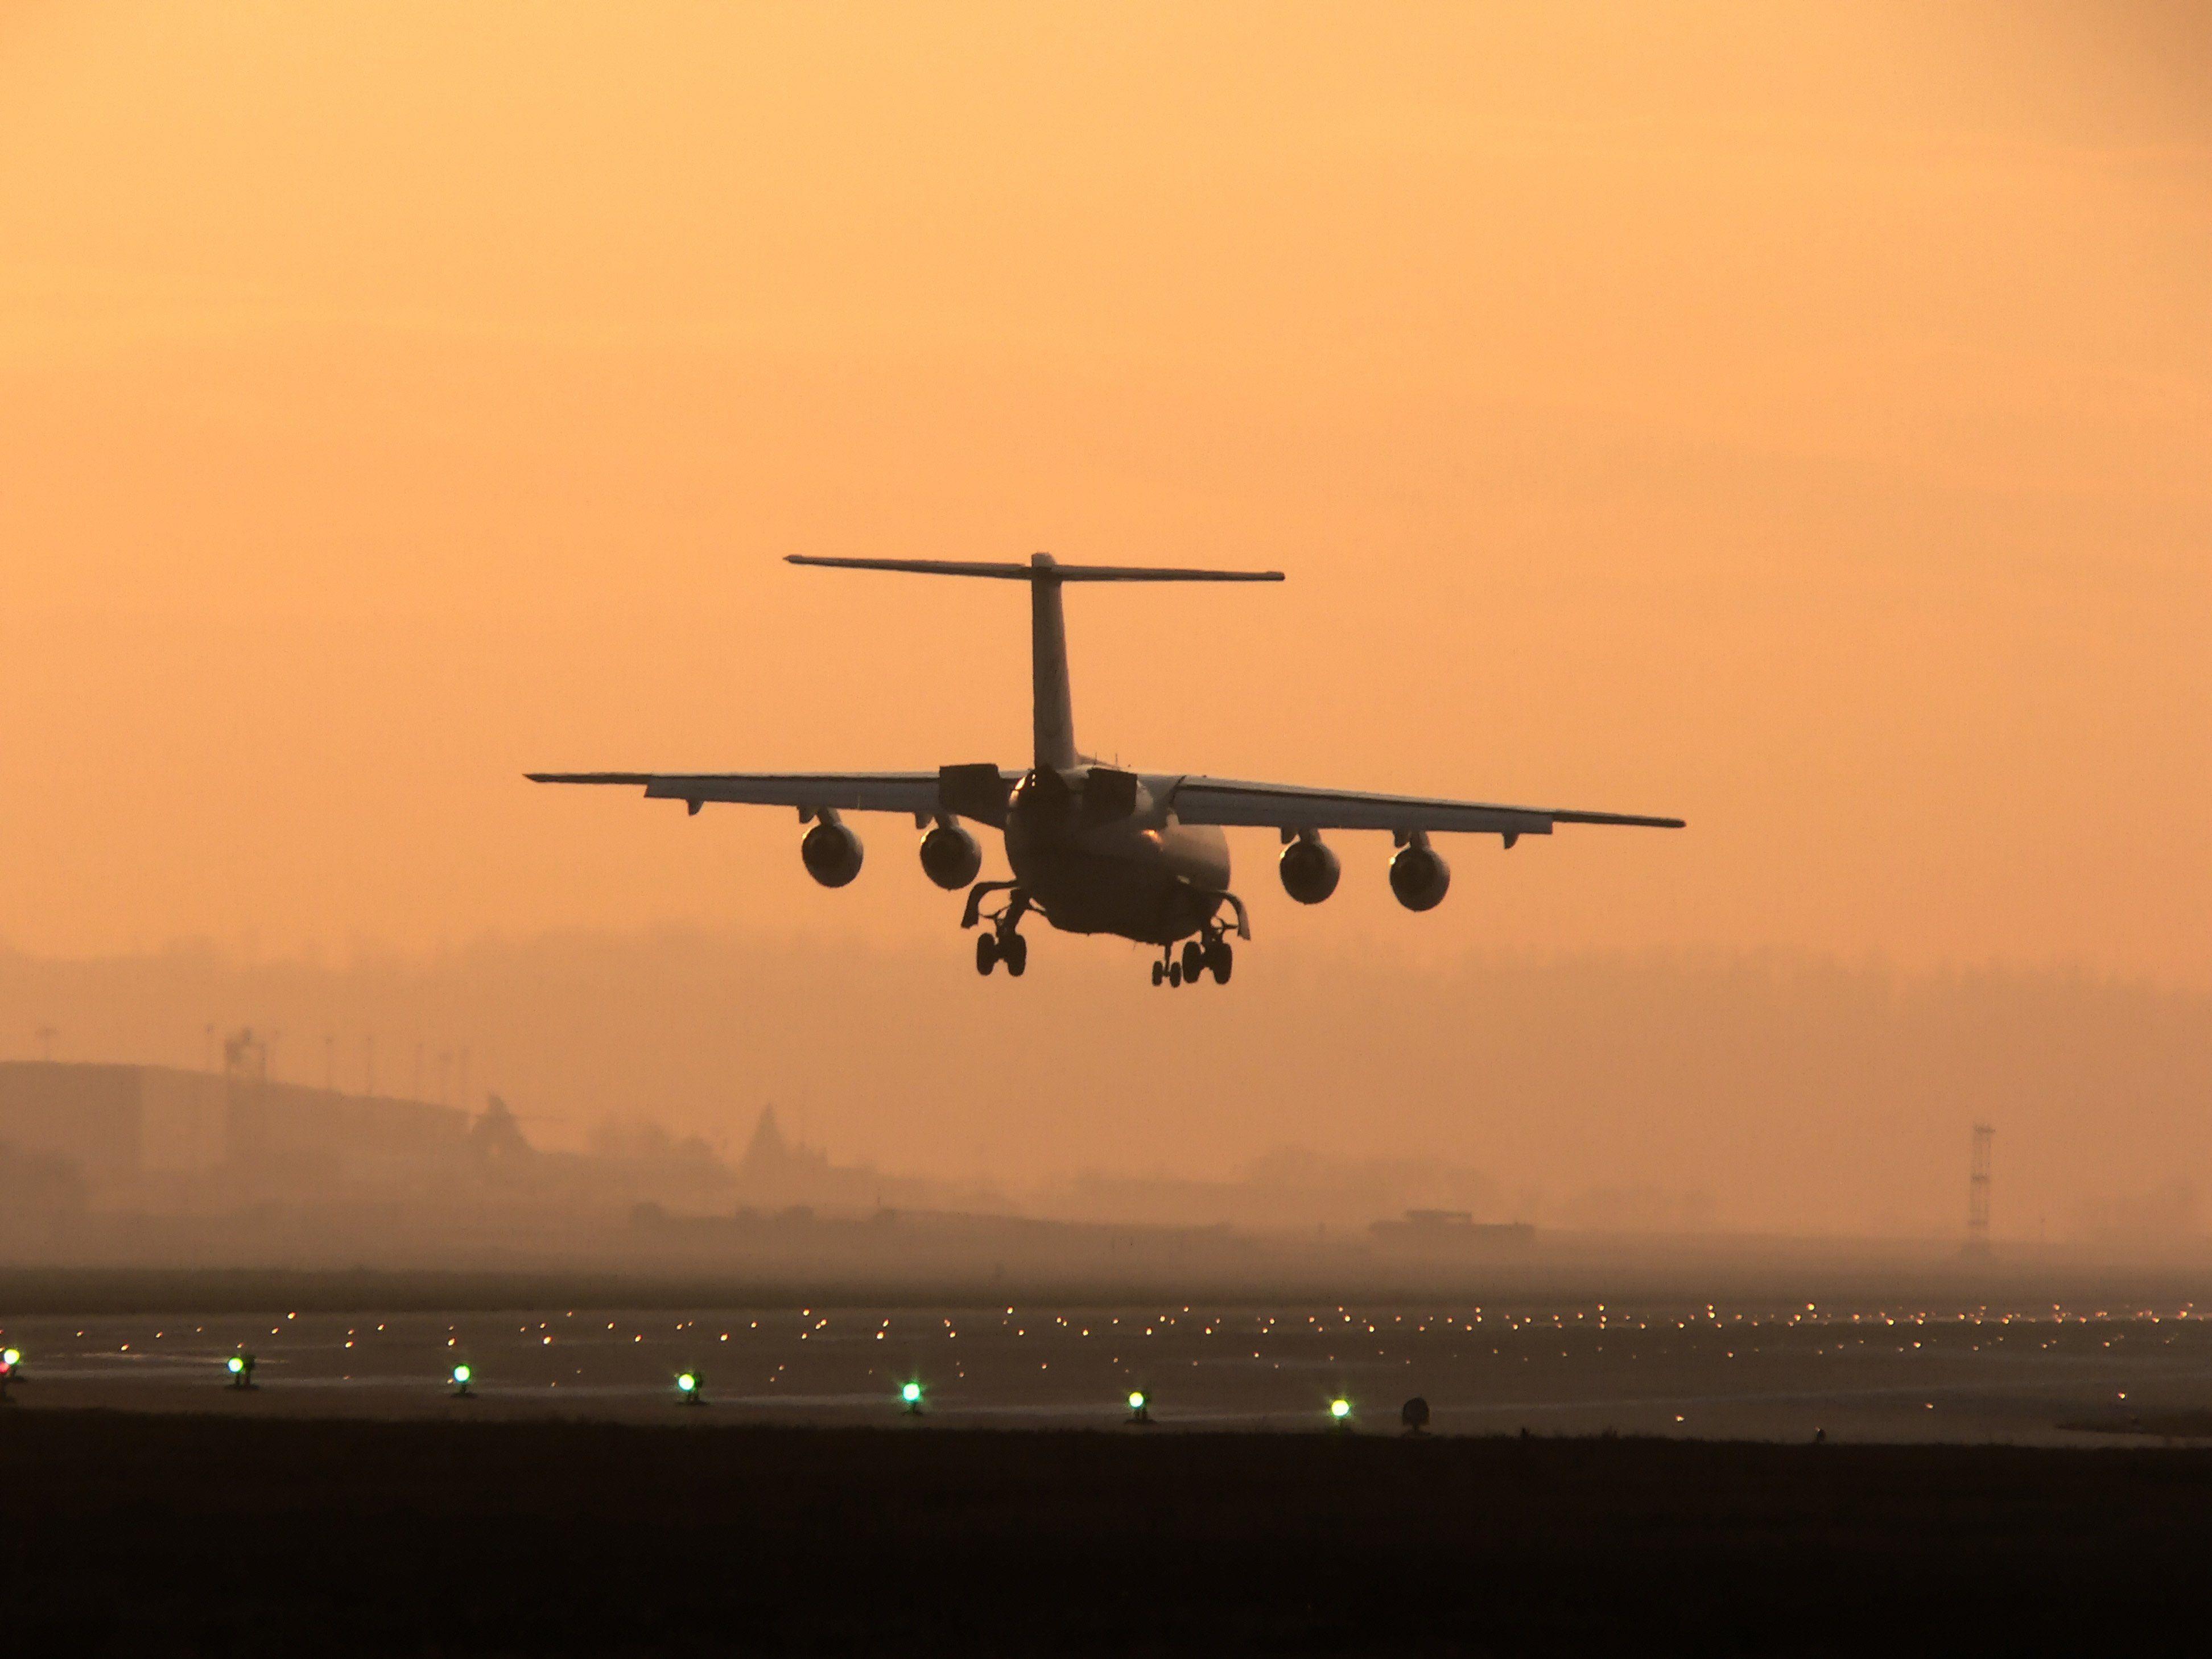 Flugzeug beschossen - Emirates streicht alle Flüge nach Bagdad.